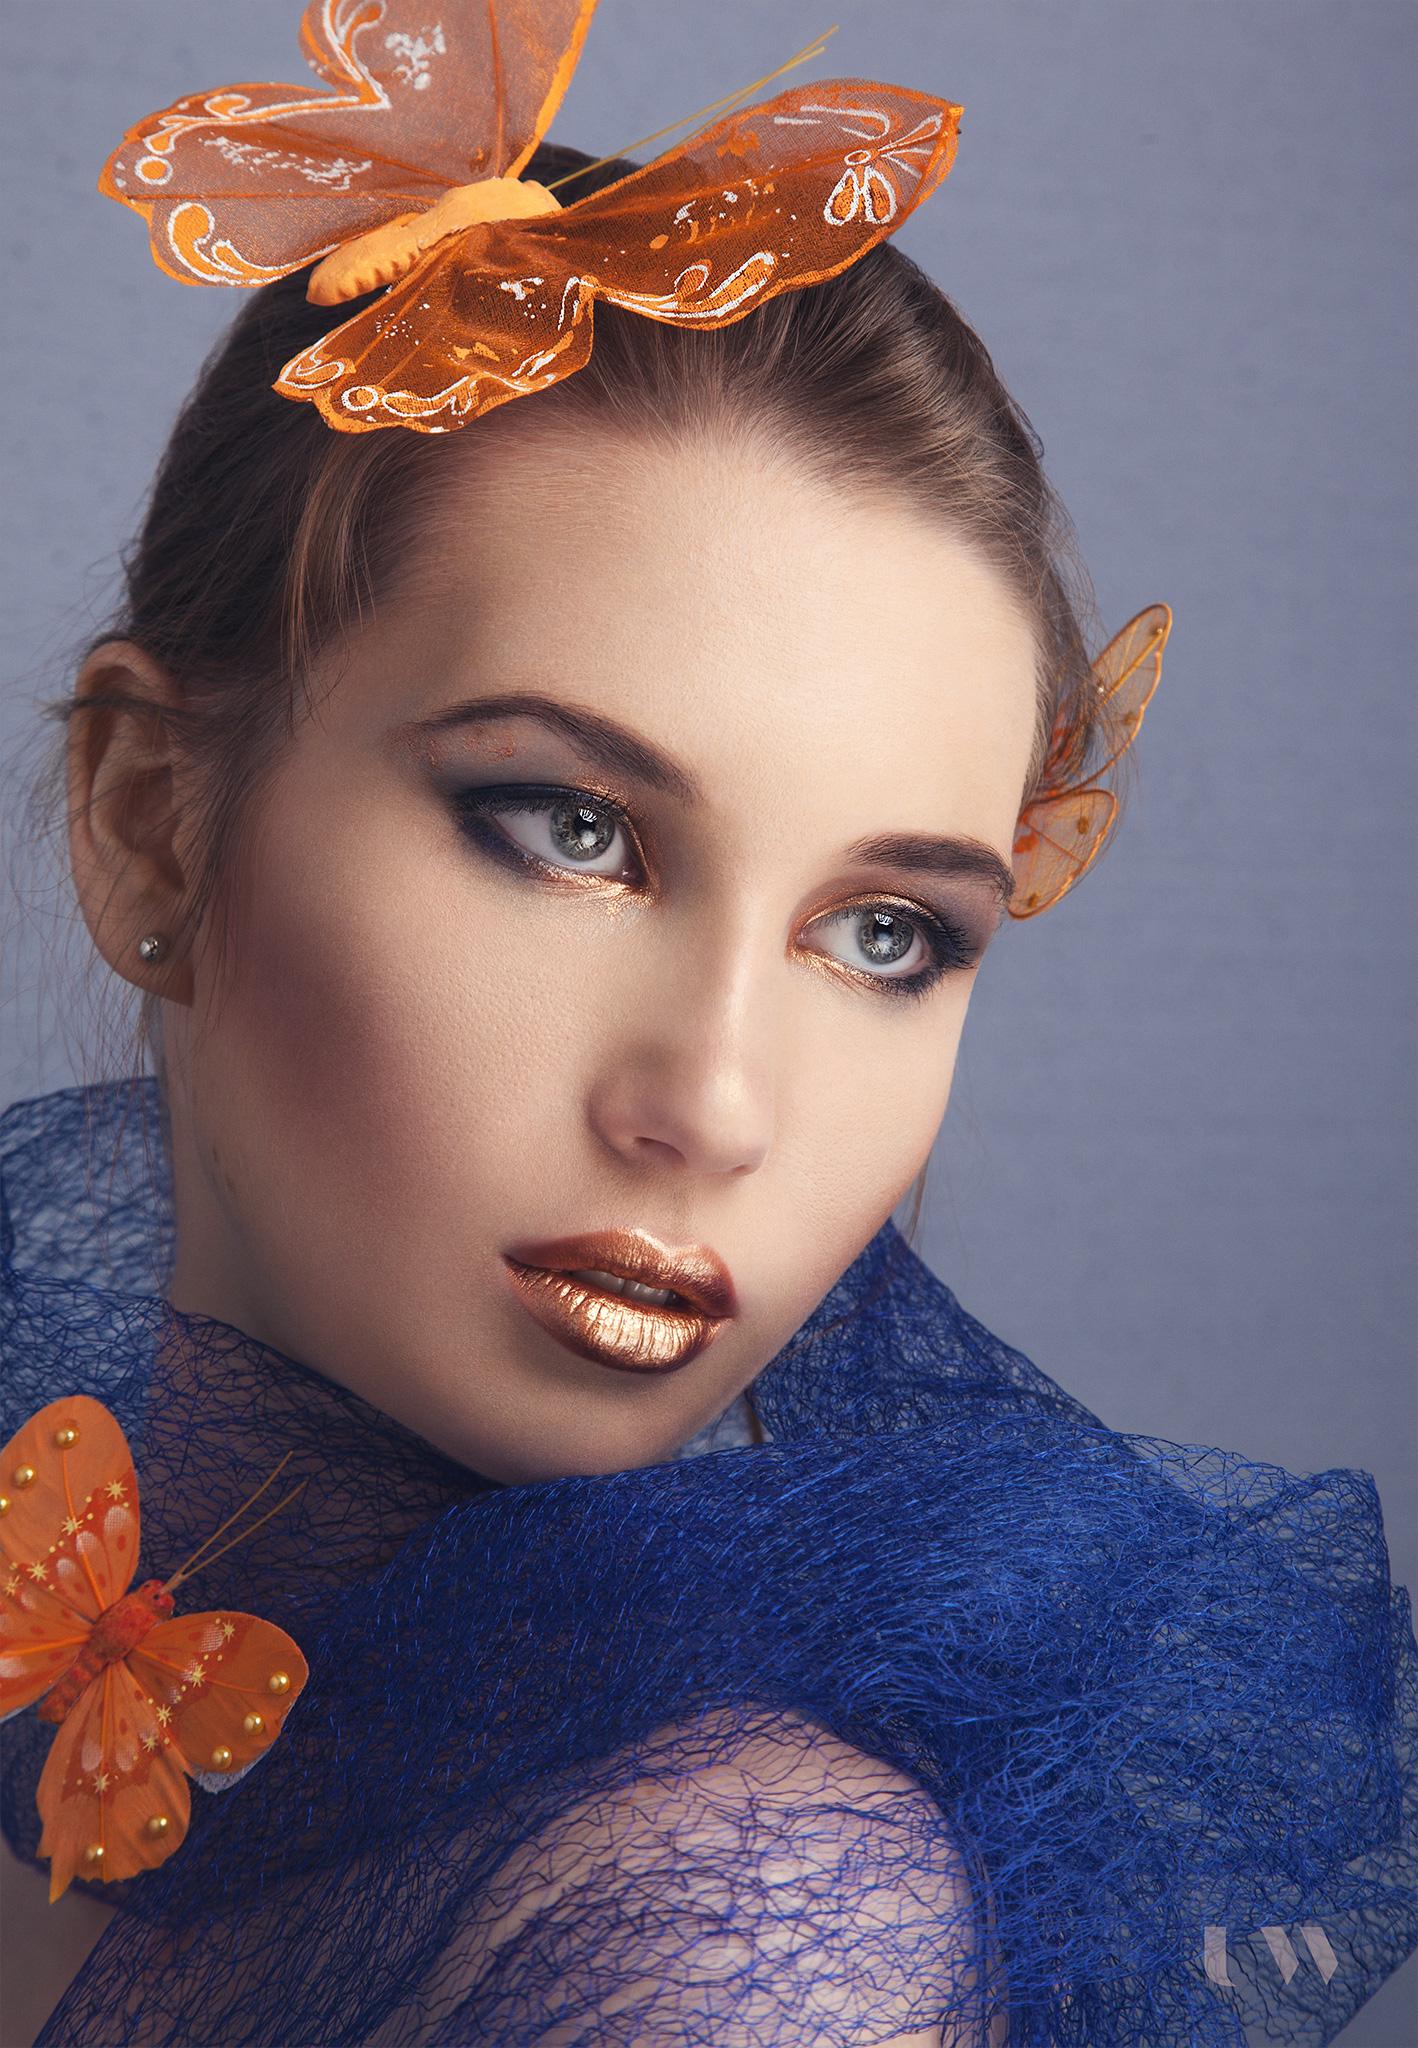 Butterfly_Zala_Zagoricnik_portrait_Ulla_Wolk_3